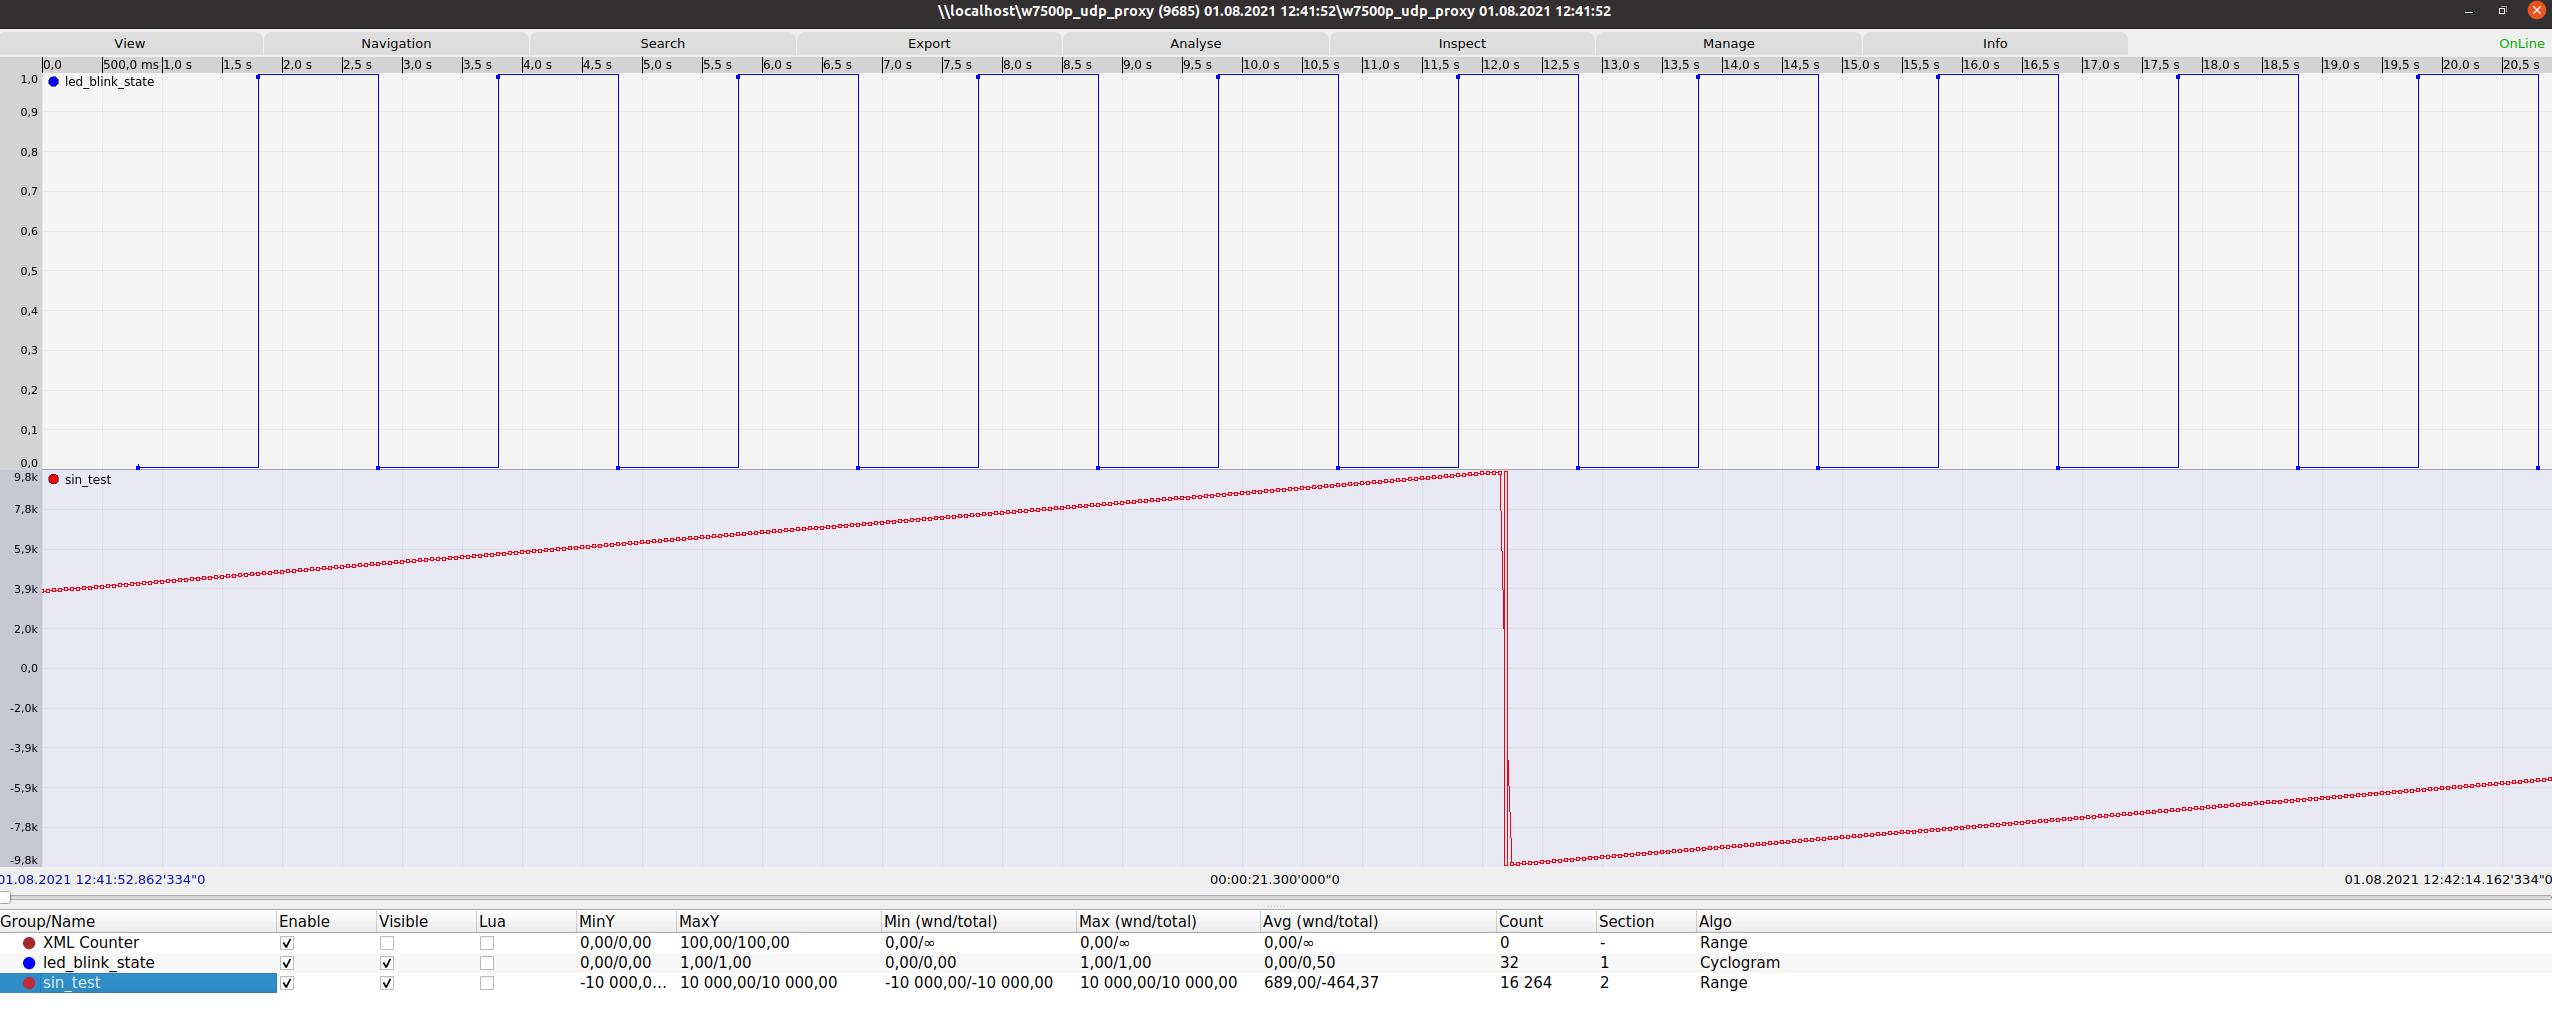 Два сигнала телеметрии, формируемые в микроконтроллере библиотекой uP7 и отображаемые на компьютере в утилите-клиенте Baical